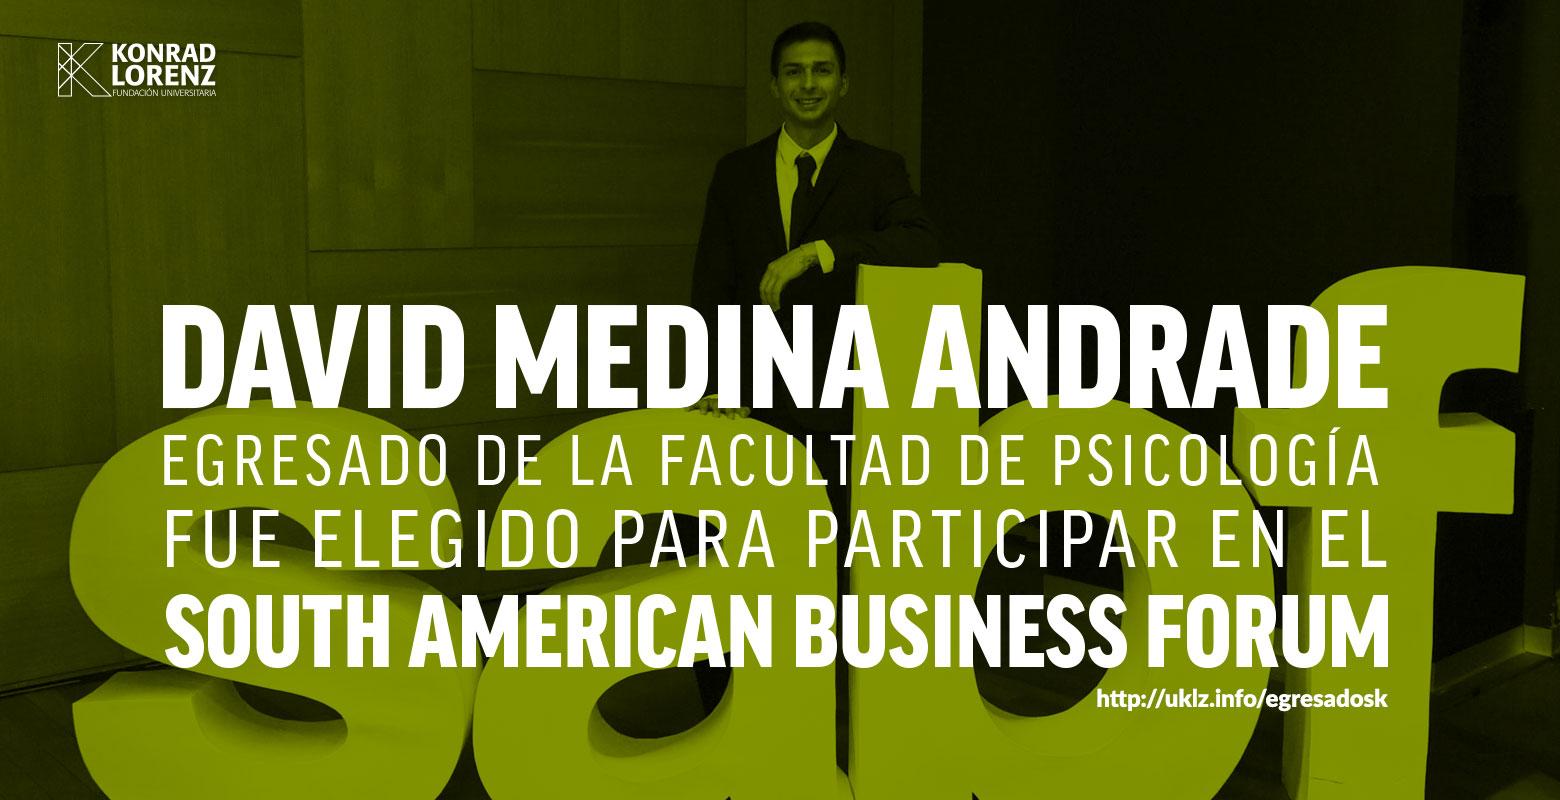 David Medina Andrade egresado de la Facultad de Psicología fue elegido para el South American BuSiness Forum